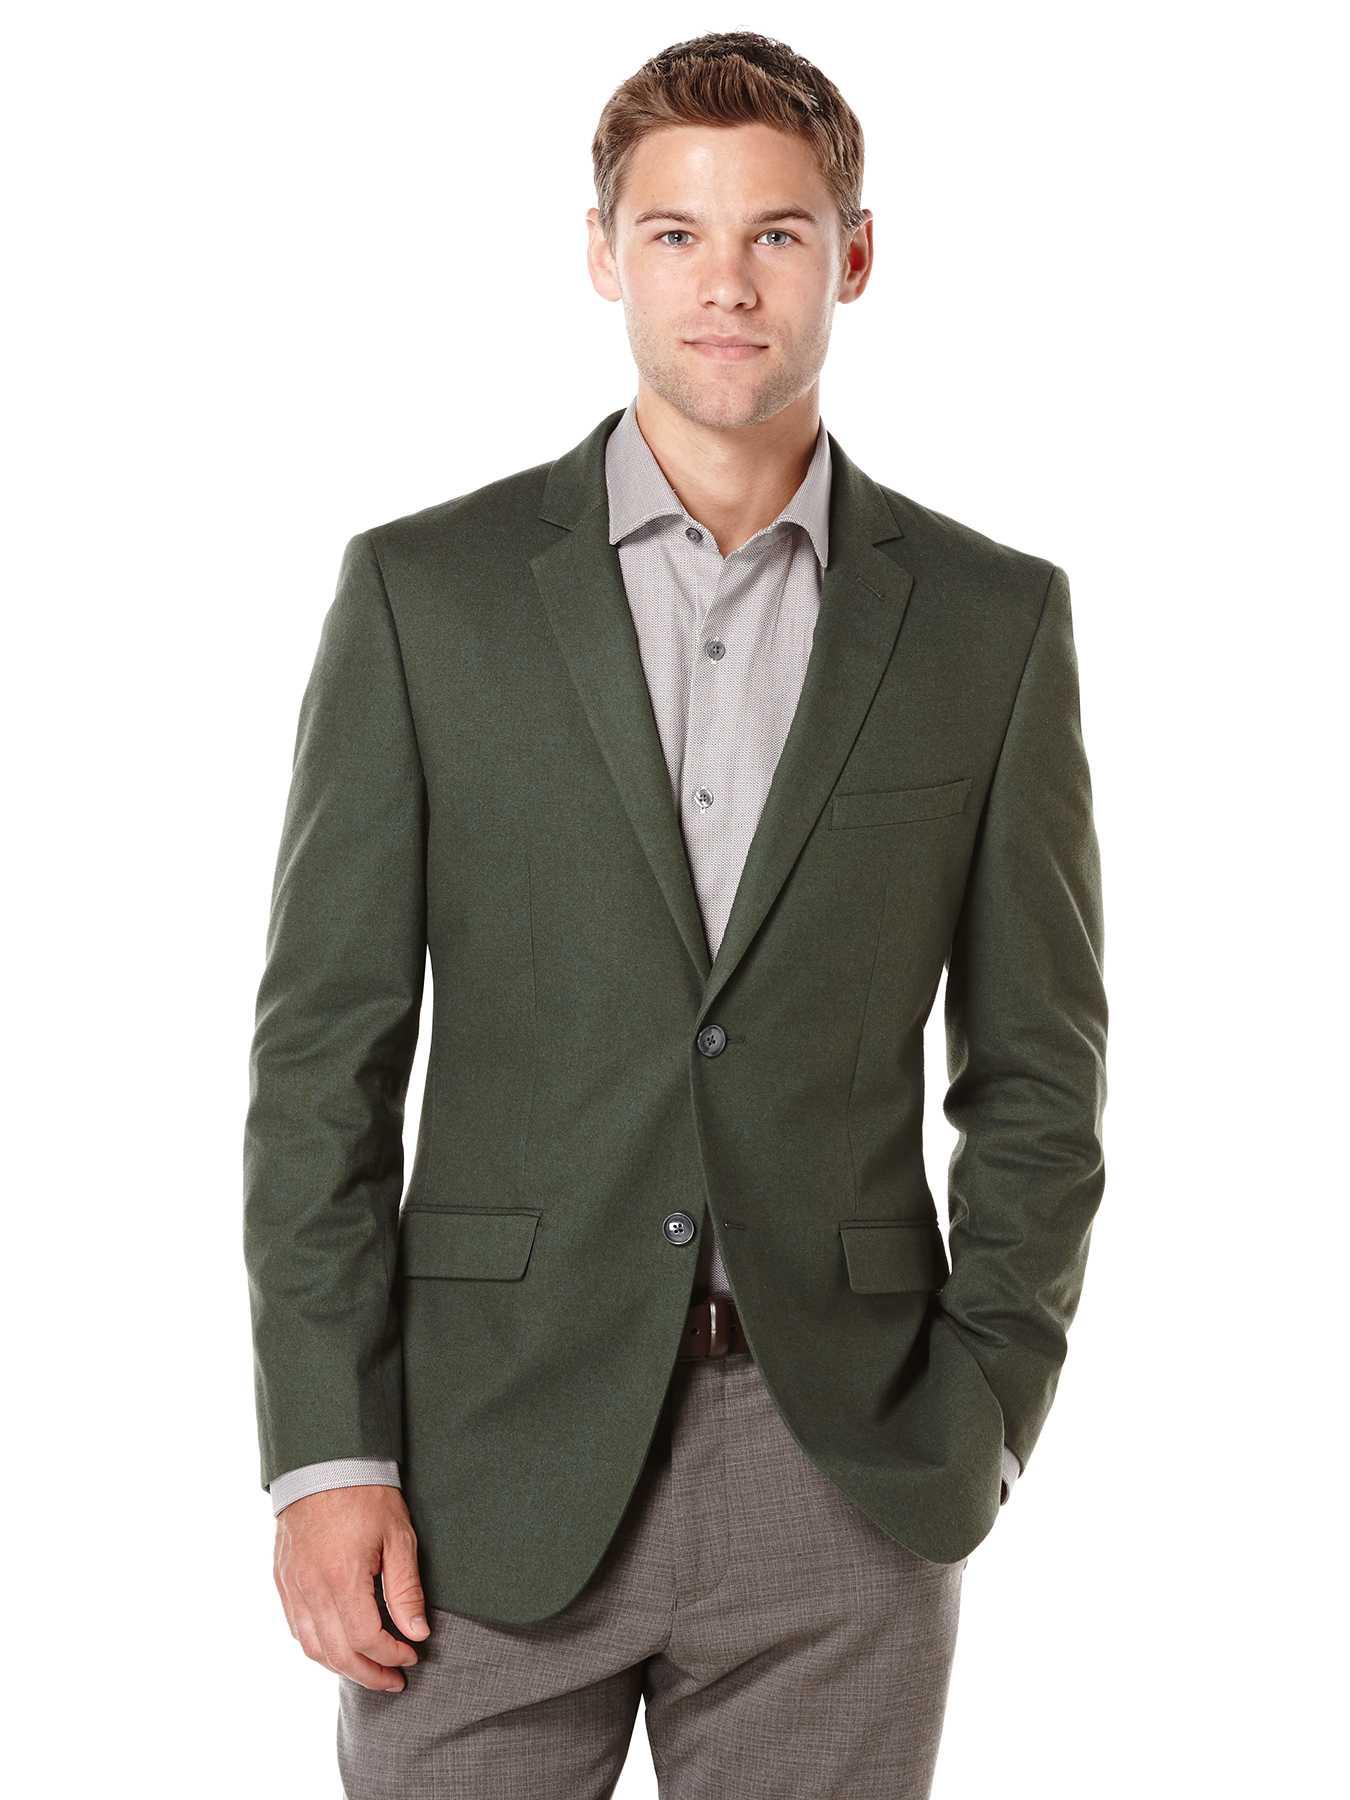 Perry Ellis Slim Fit Green Sportcoat Jacket